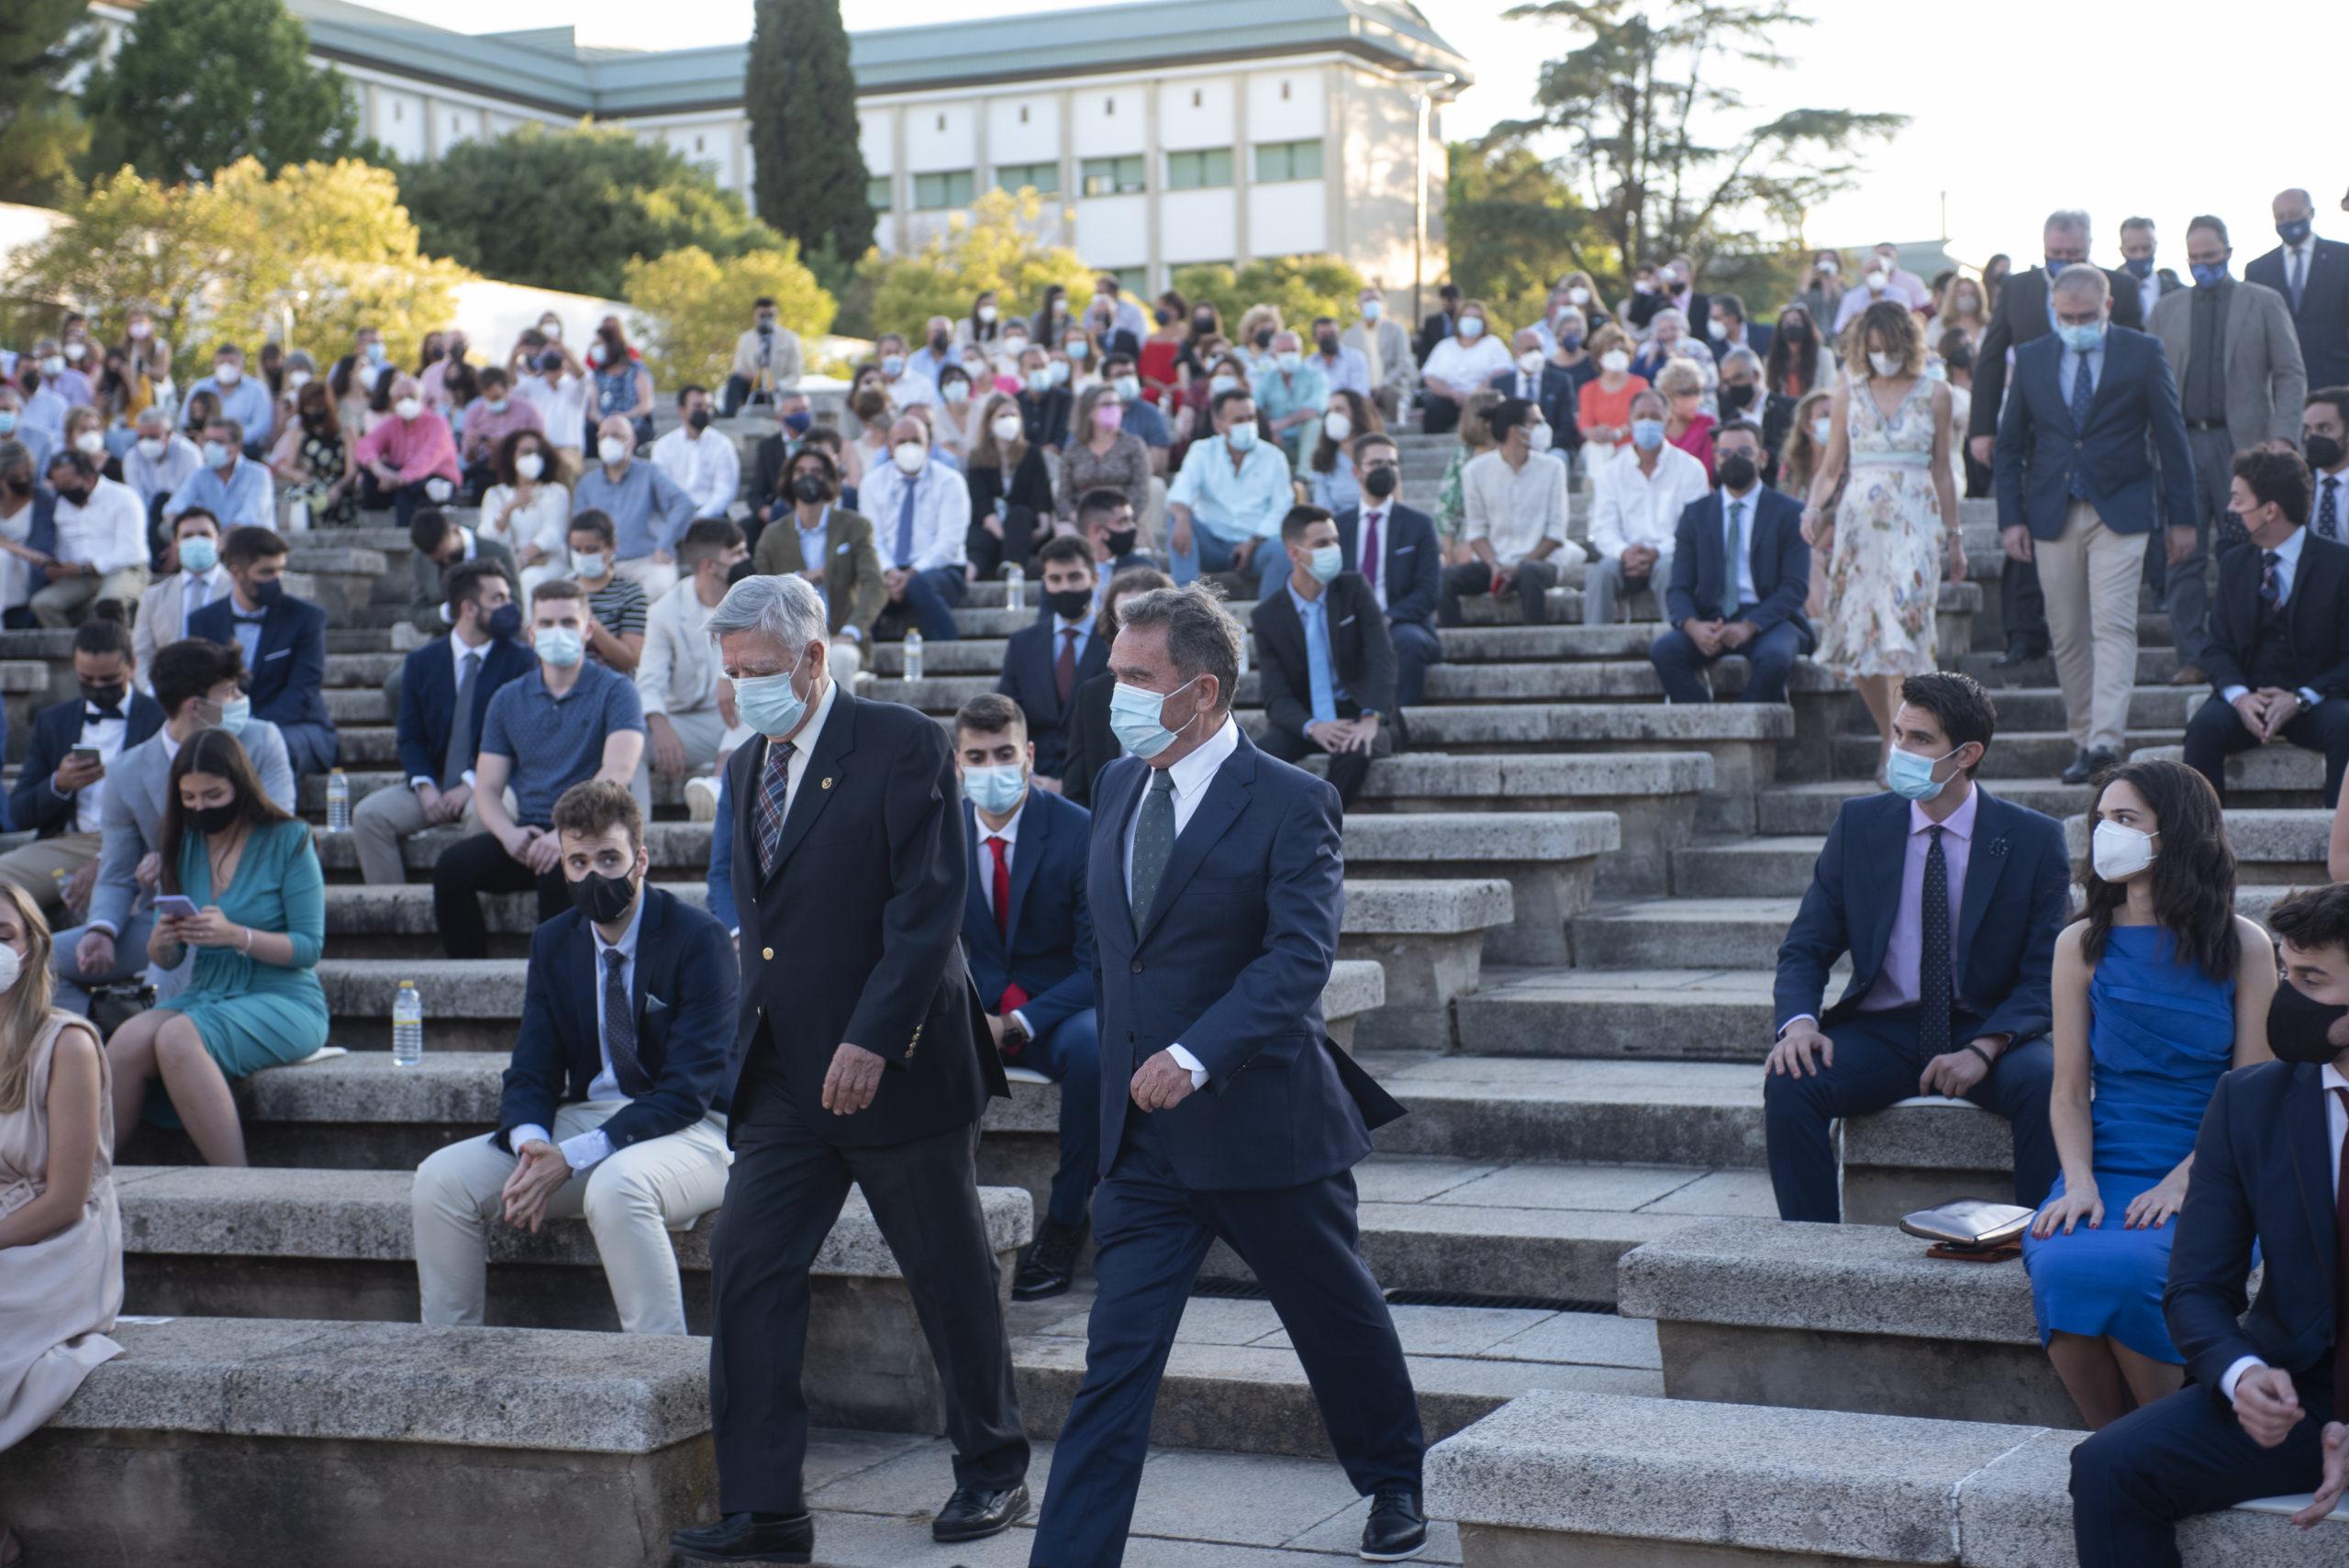 Acto de entrega de insignias y diplomas de la Escuela Politécnica Superior de Córdoba